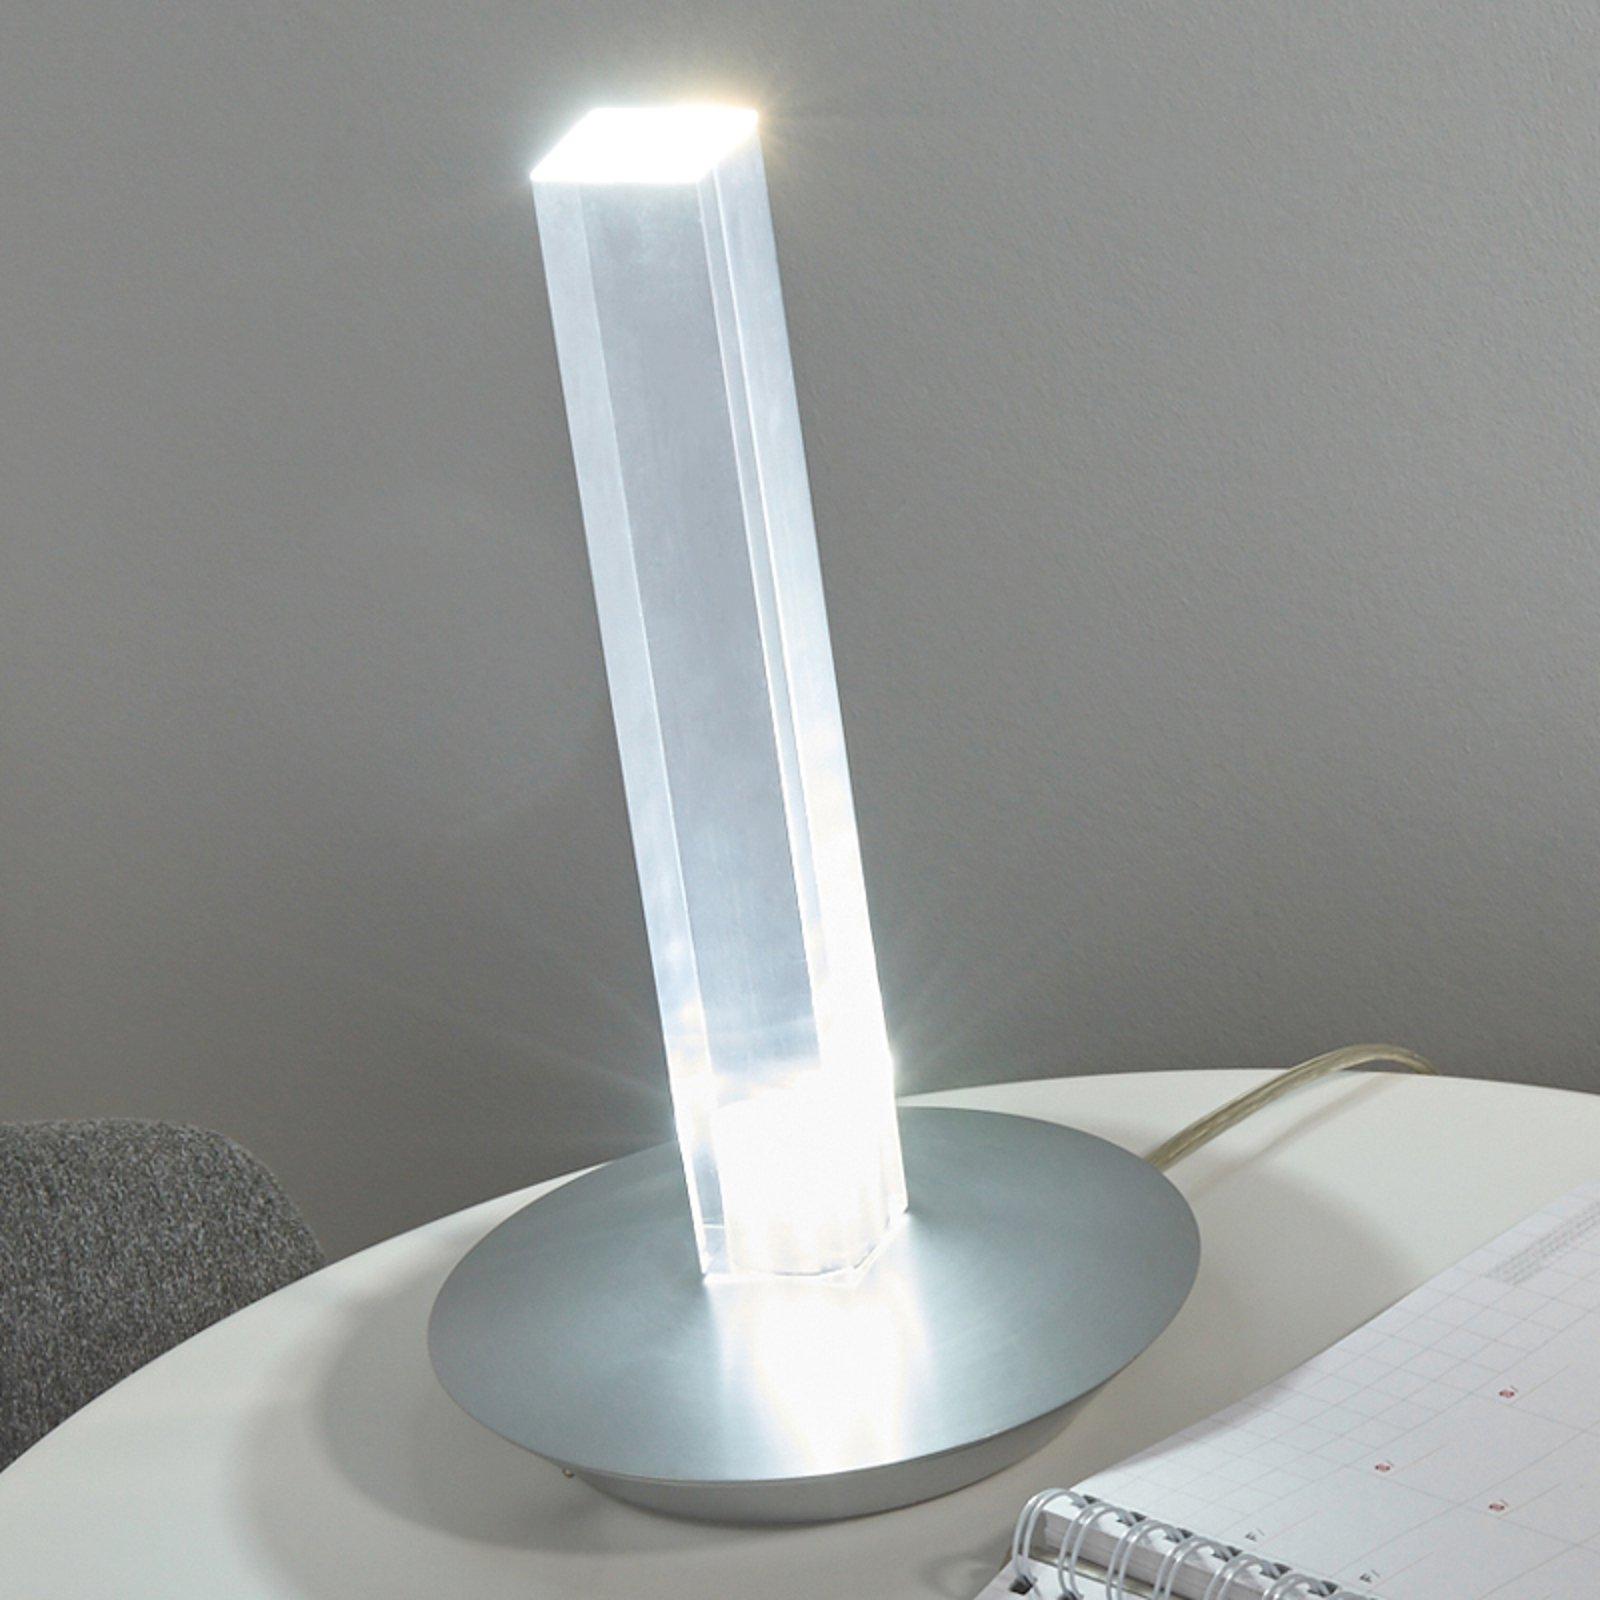 Oluce Cand-LED - atmosfærisk LED-bordlampe